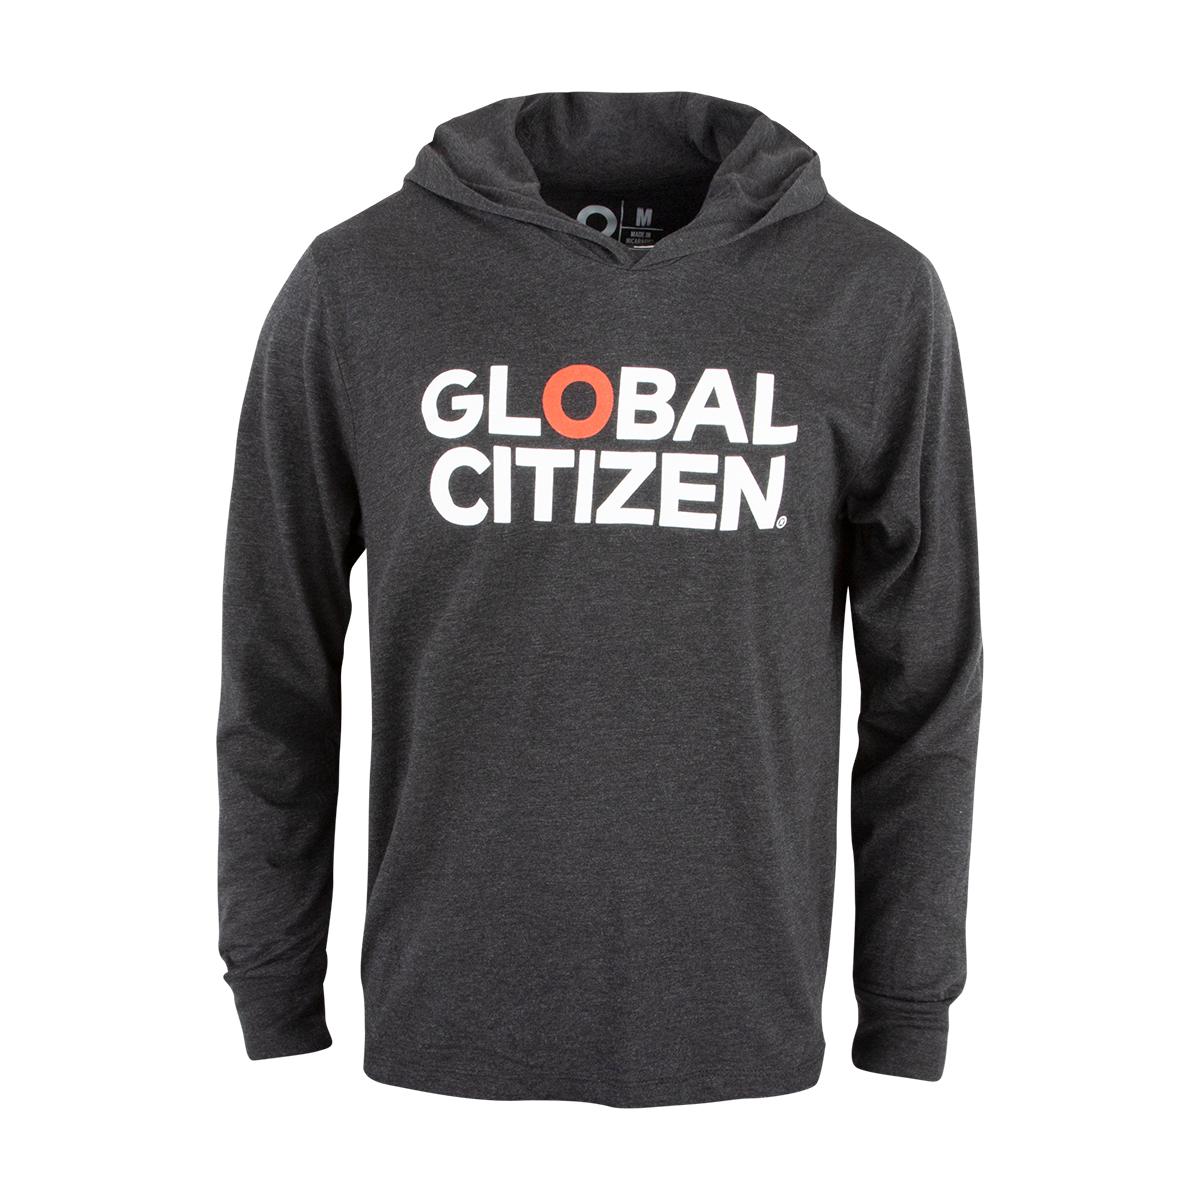 Global Citizen Hooded Longsleeve T-Shirt